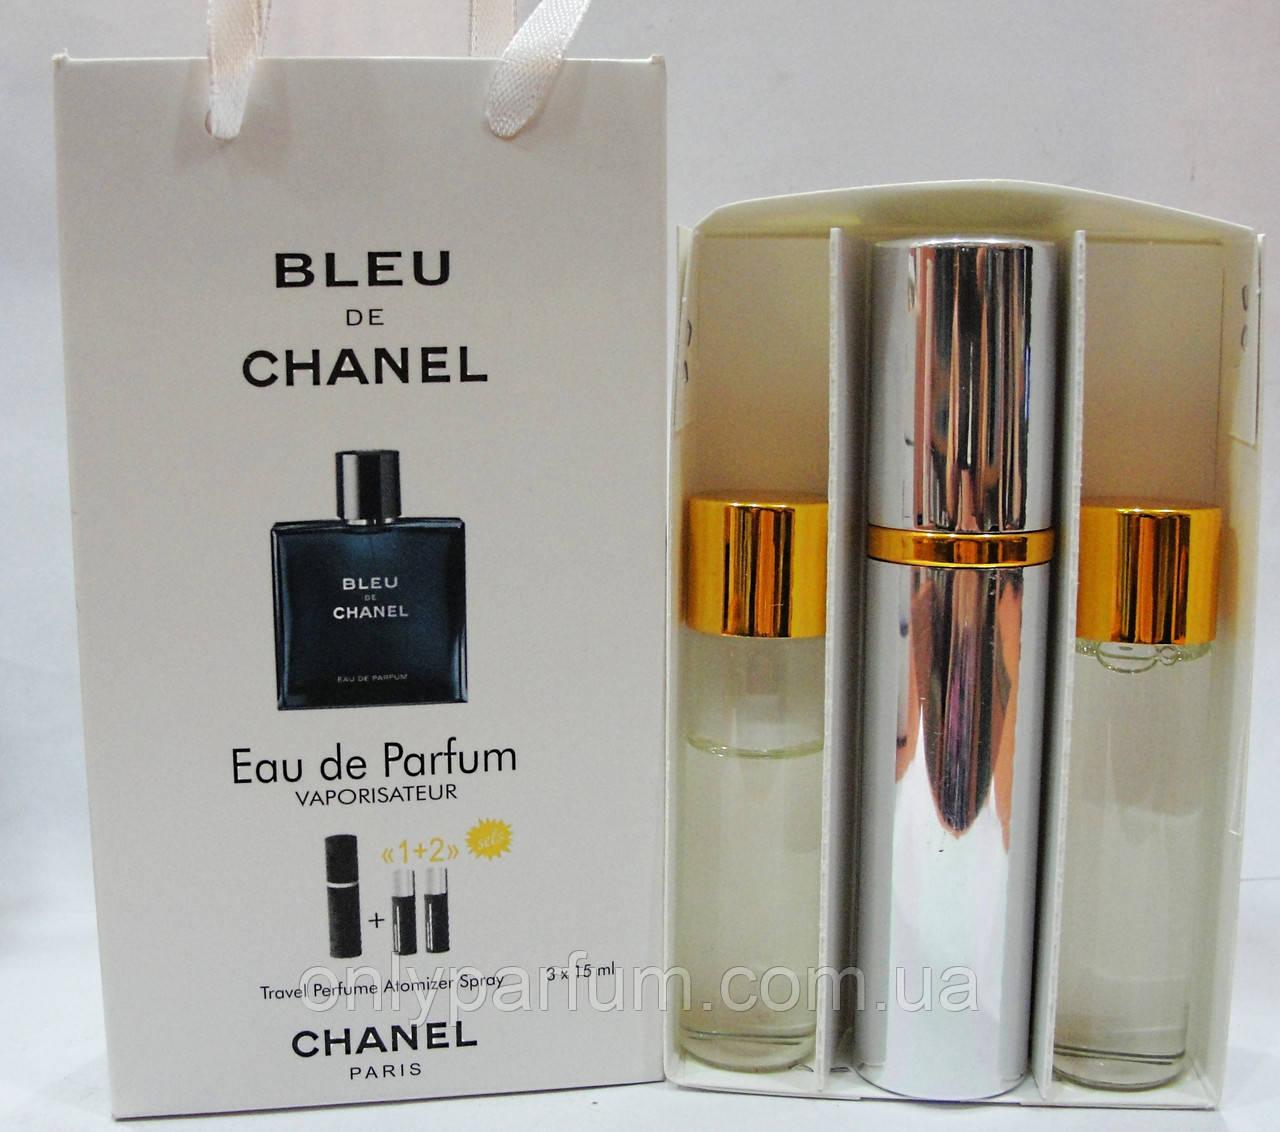 духи наборы Chanel Bleu De Chanel Eau De Parfum шанель продажа